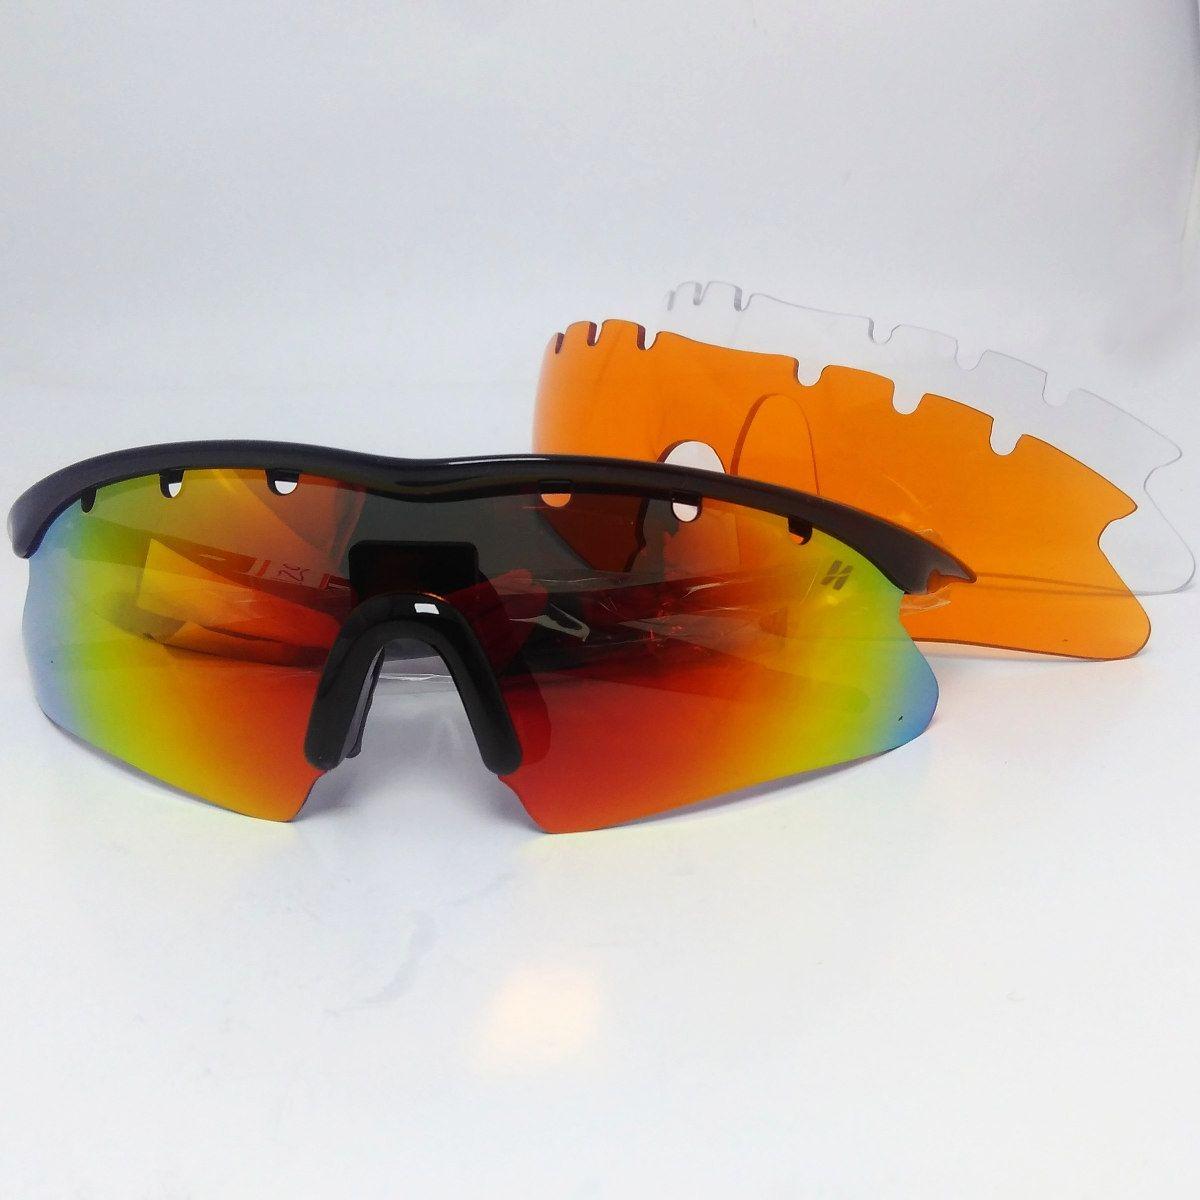 dfad00544bd9f Óculos Ciclismo High One Fusion 3 Lentes + Case Preto - R  129,00 em ...